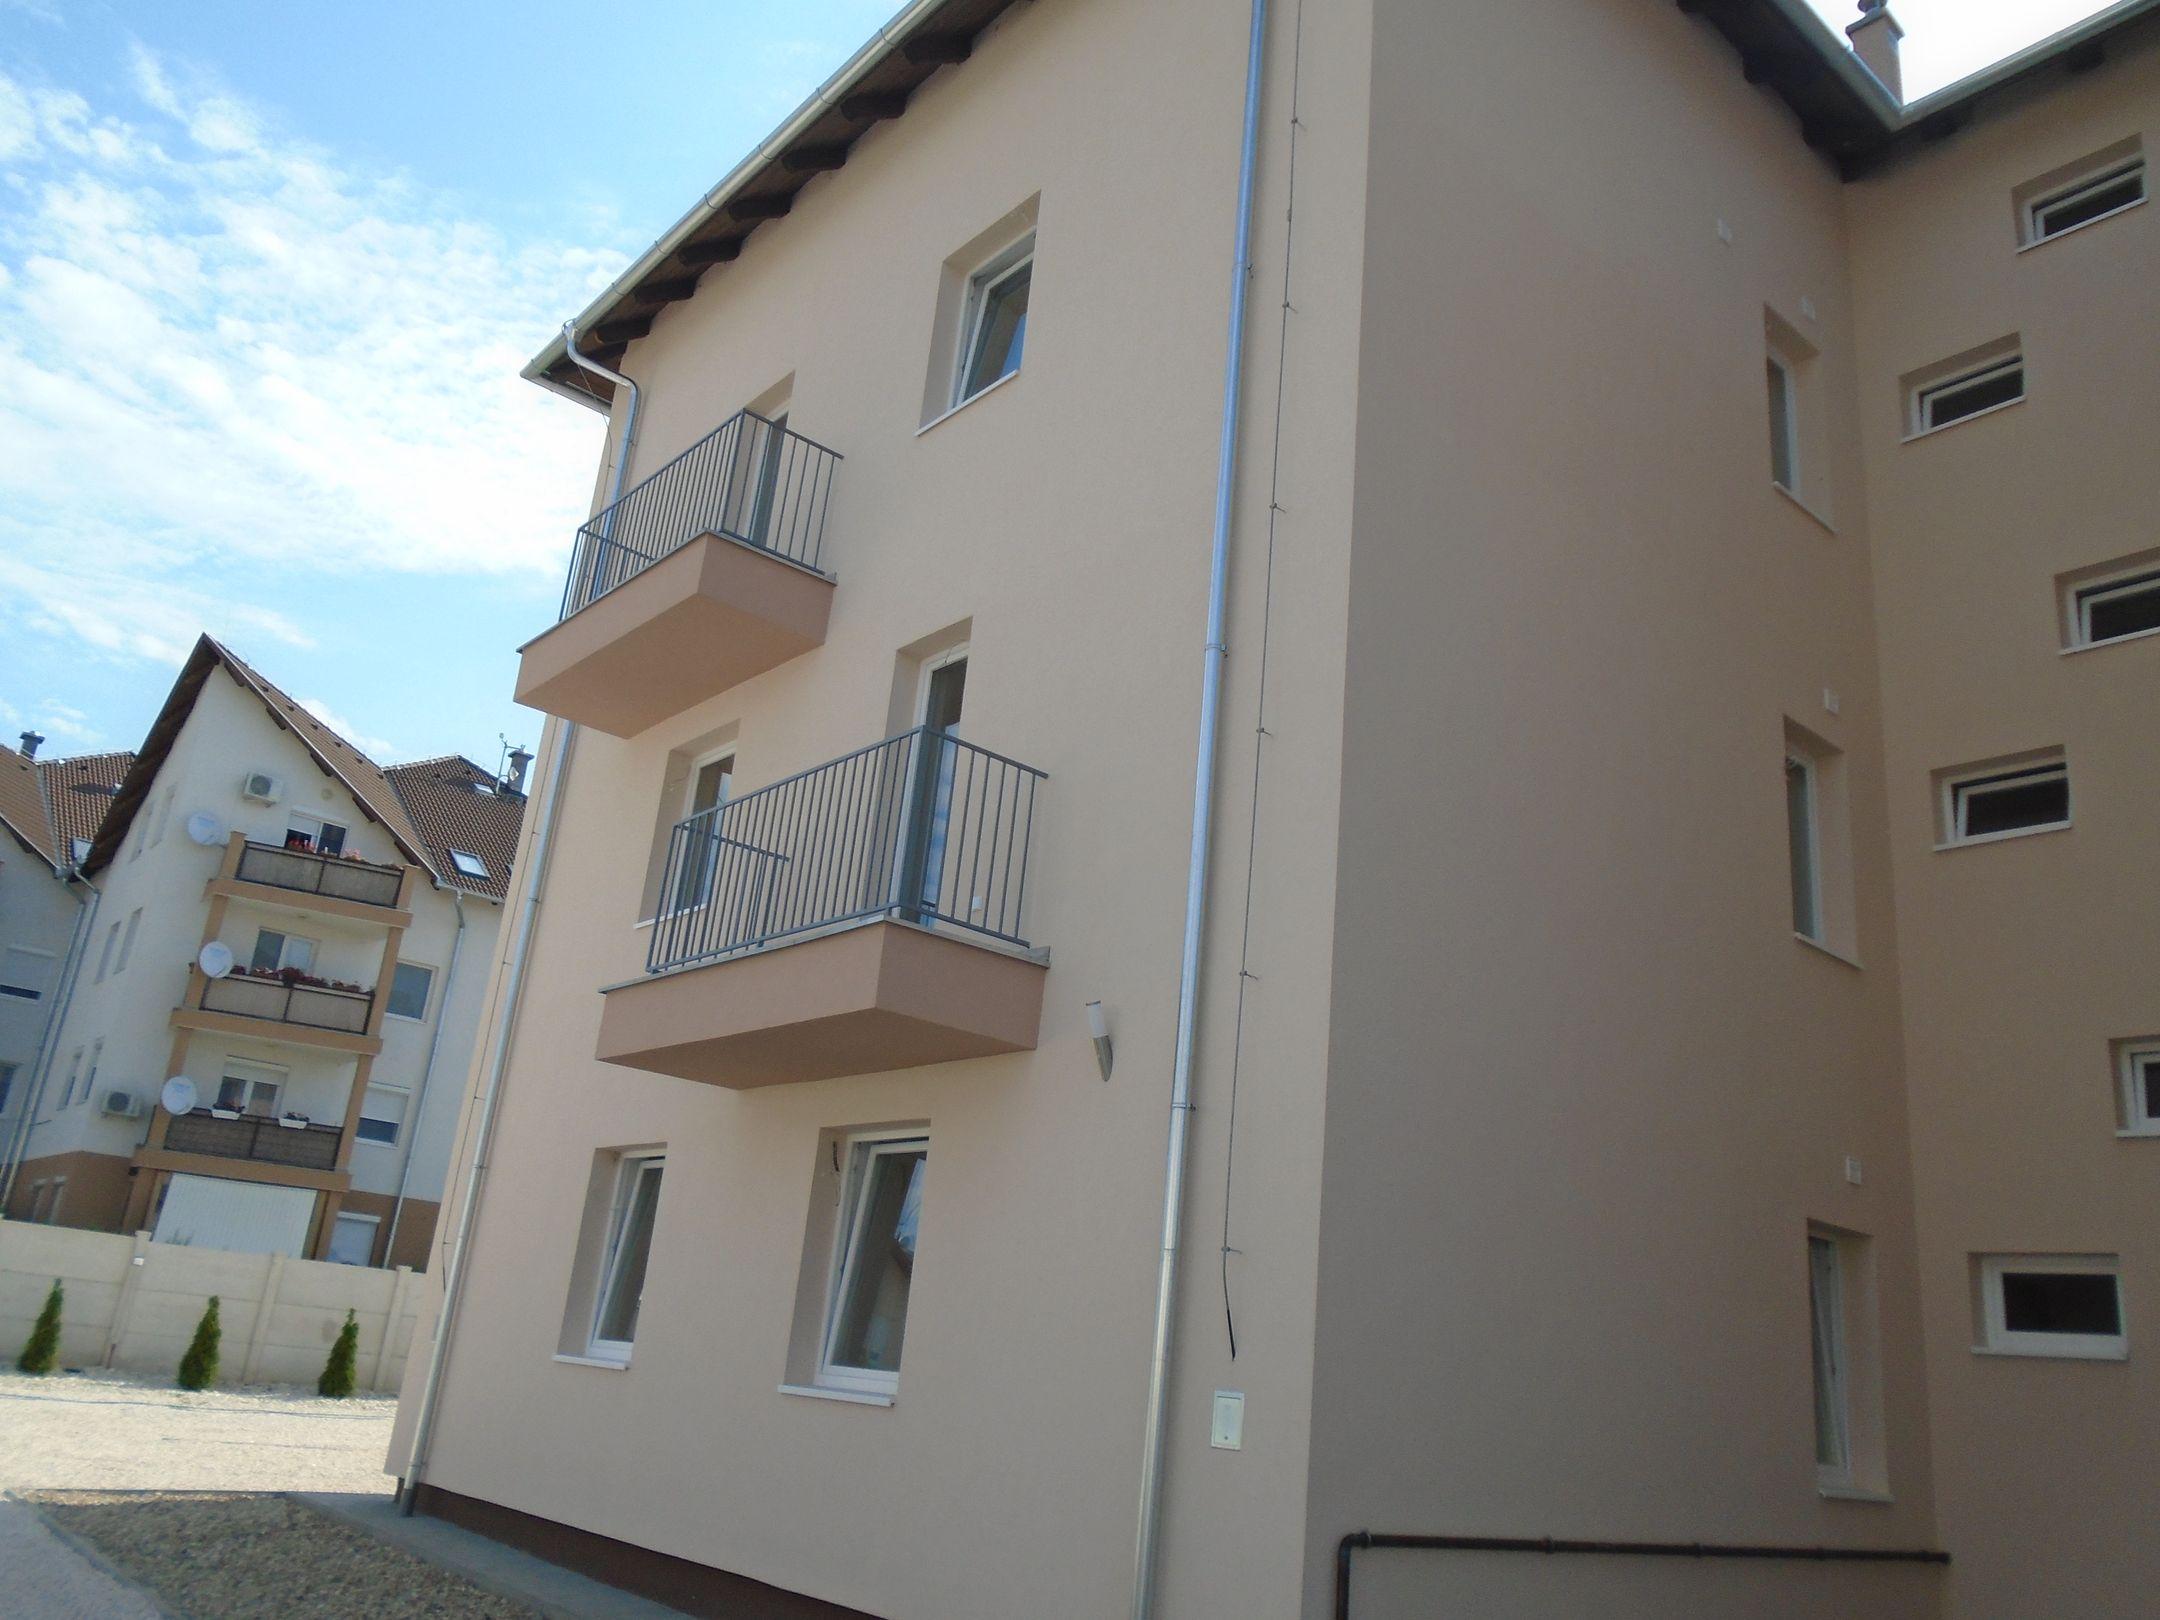 Gyömrőn,új építésű,kellemes környezetben,új építésű társasházi lakások eladók!